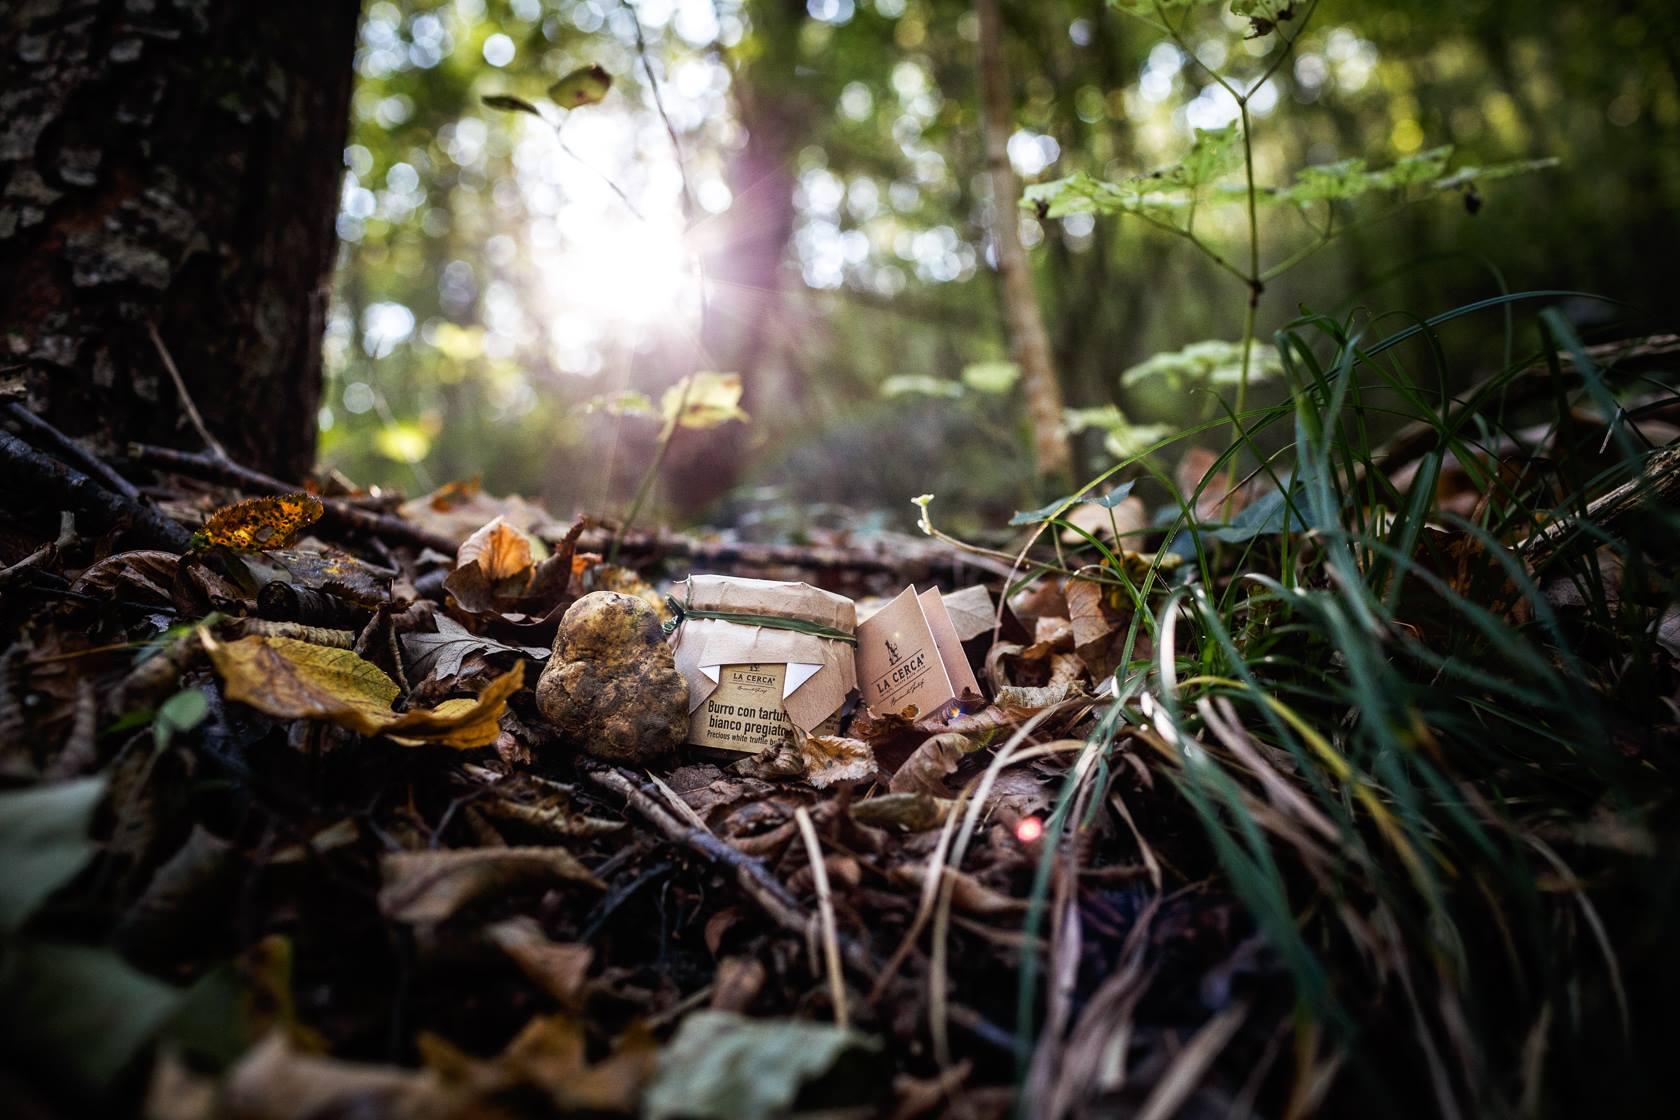 La cerca tartufi biologici 2 avvenice for All origine arredi autentici